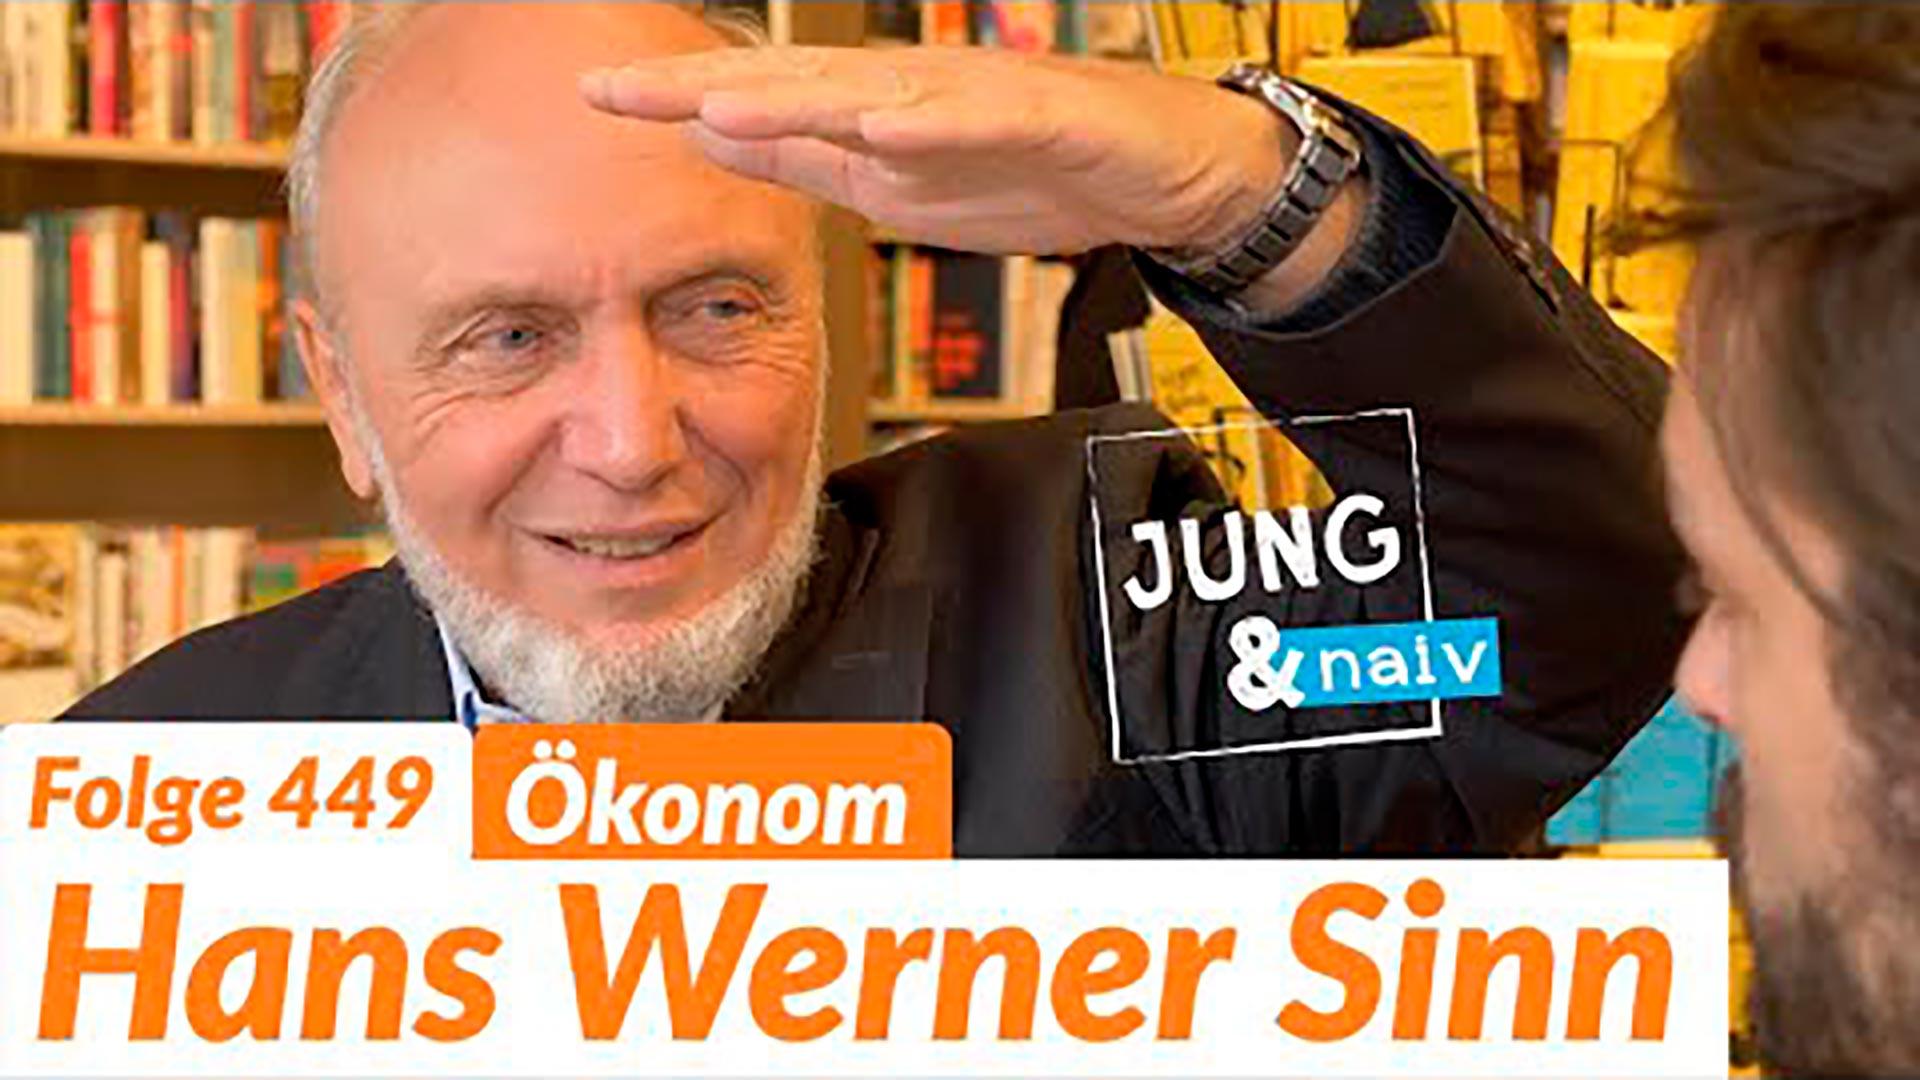 Ökonom Hans Werner Sinn – Jung & Naiv: Folge 449